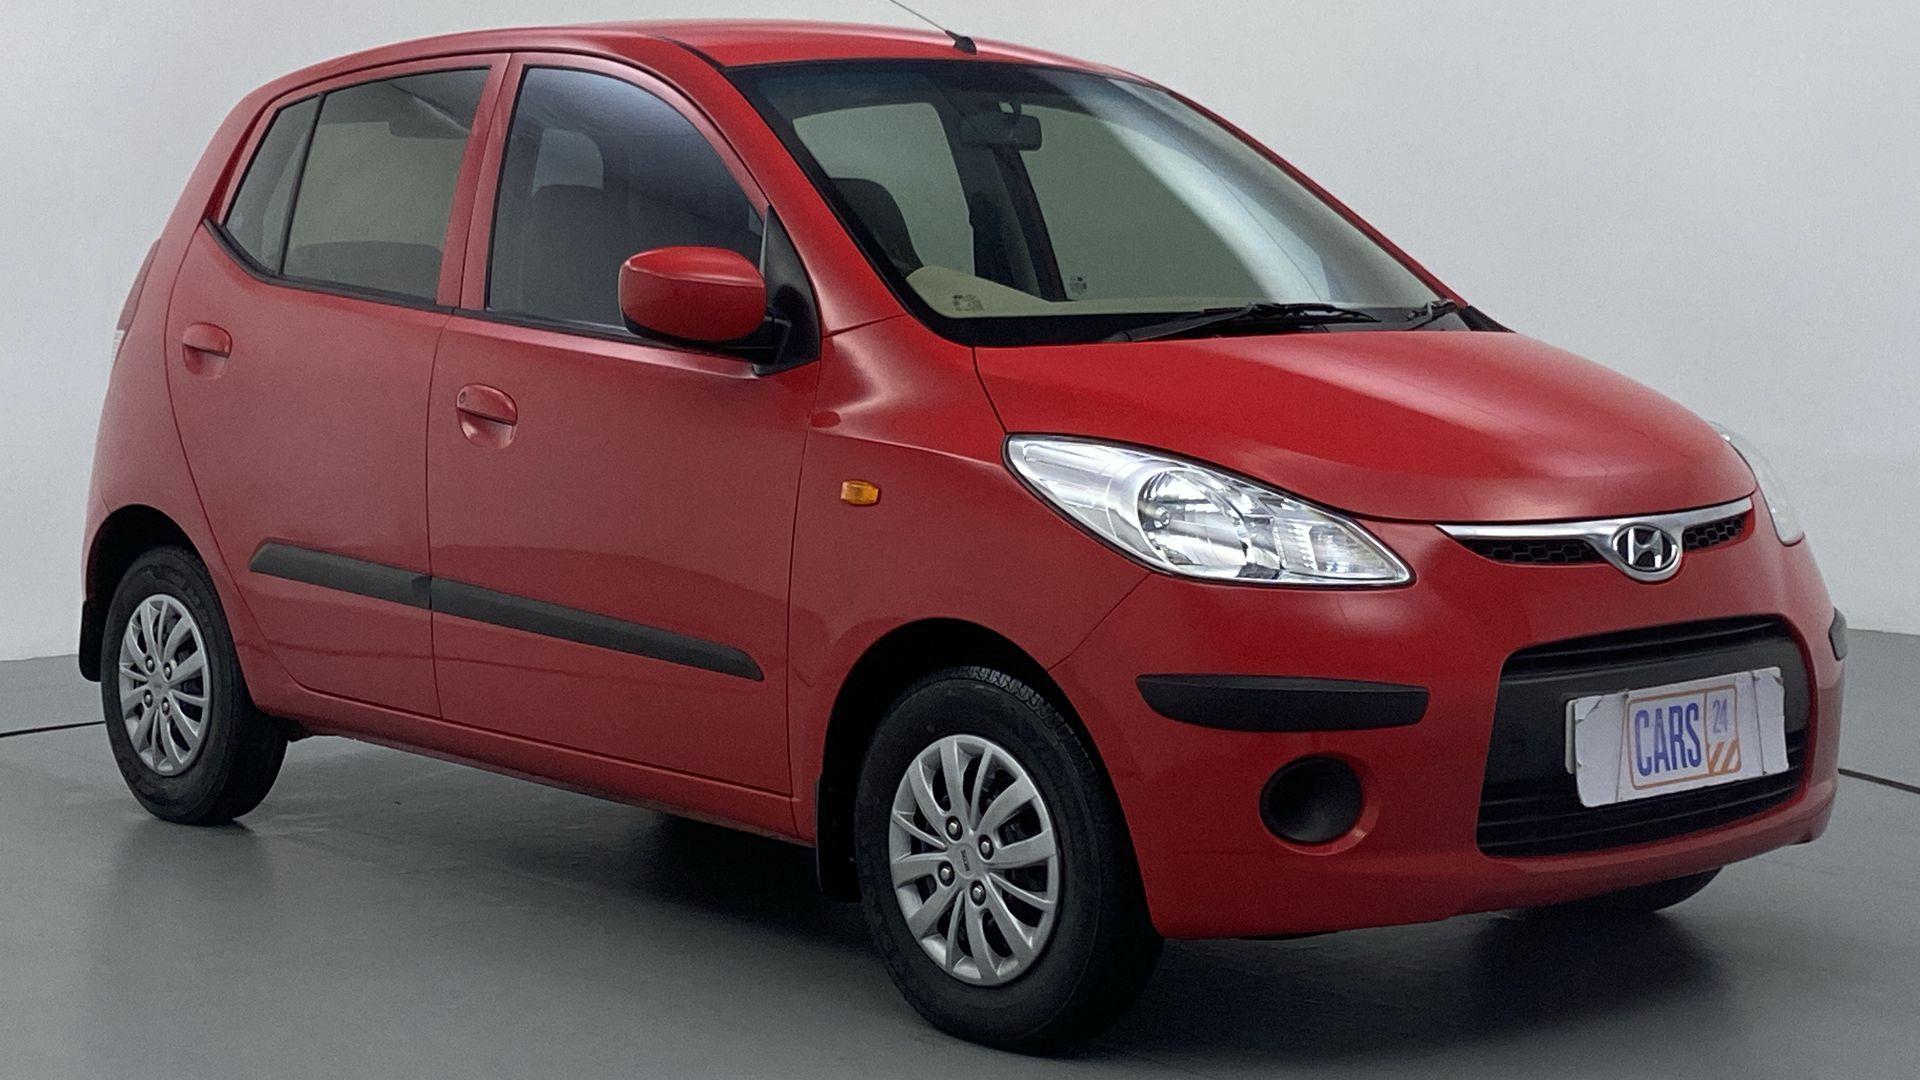 2010 Hyundai i10 MAGNA 1.2 AT